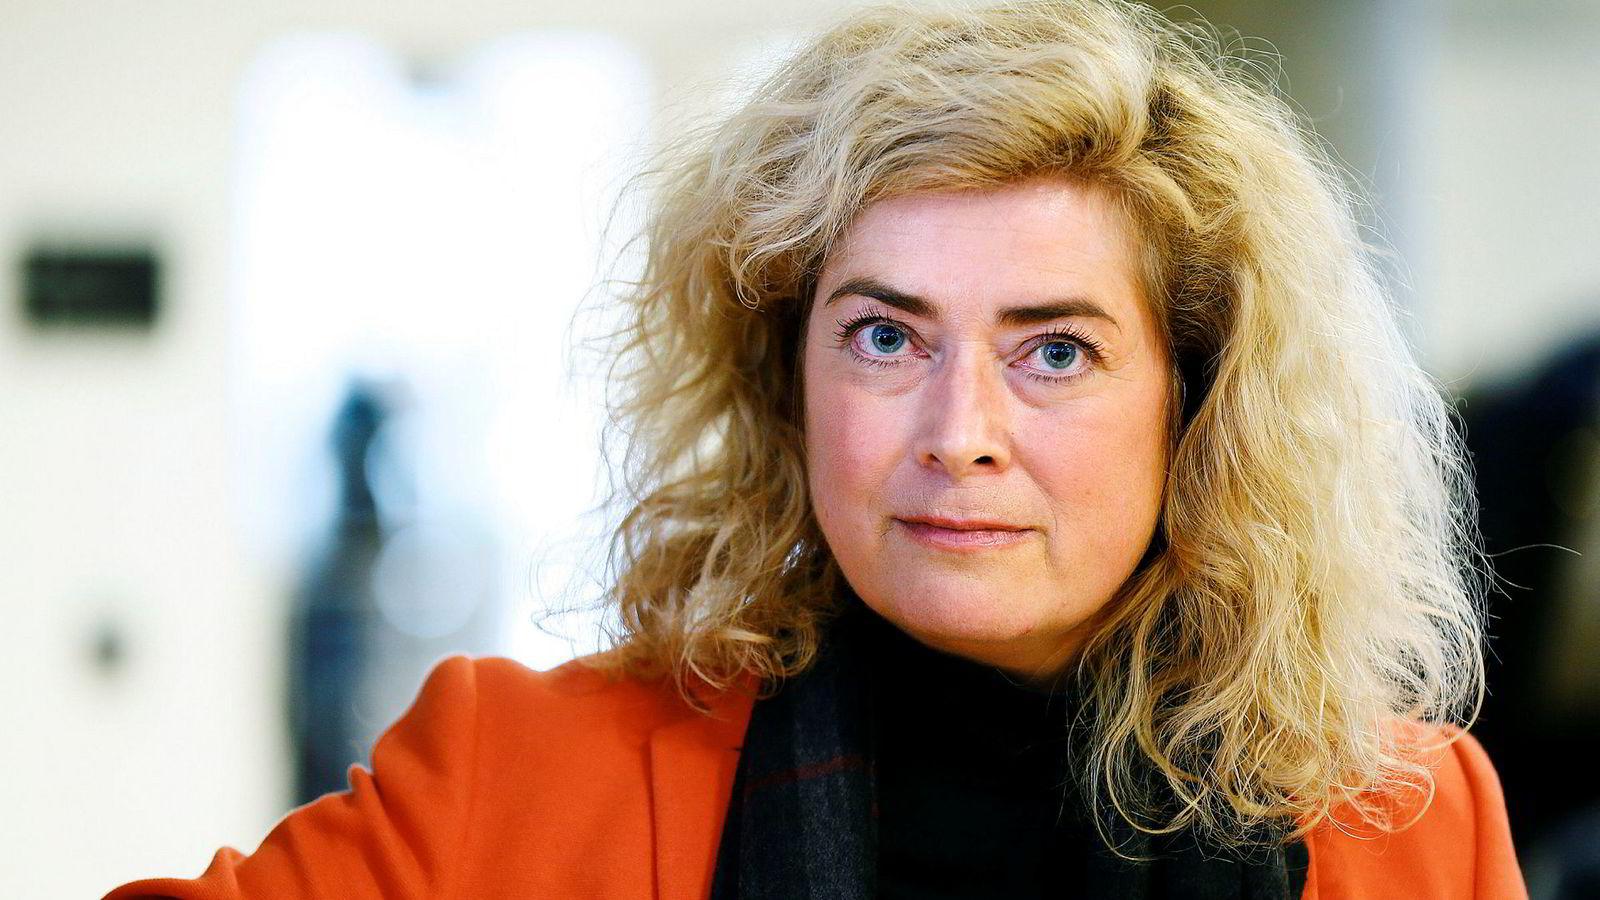 Hodejeger og Hele Nords styreleder Marianne Telle. Foto: Ronald Johansen / iTromsø